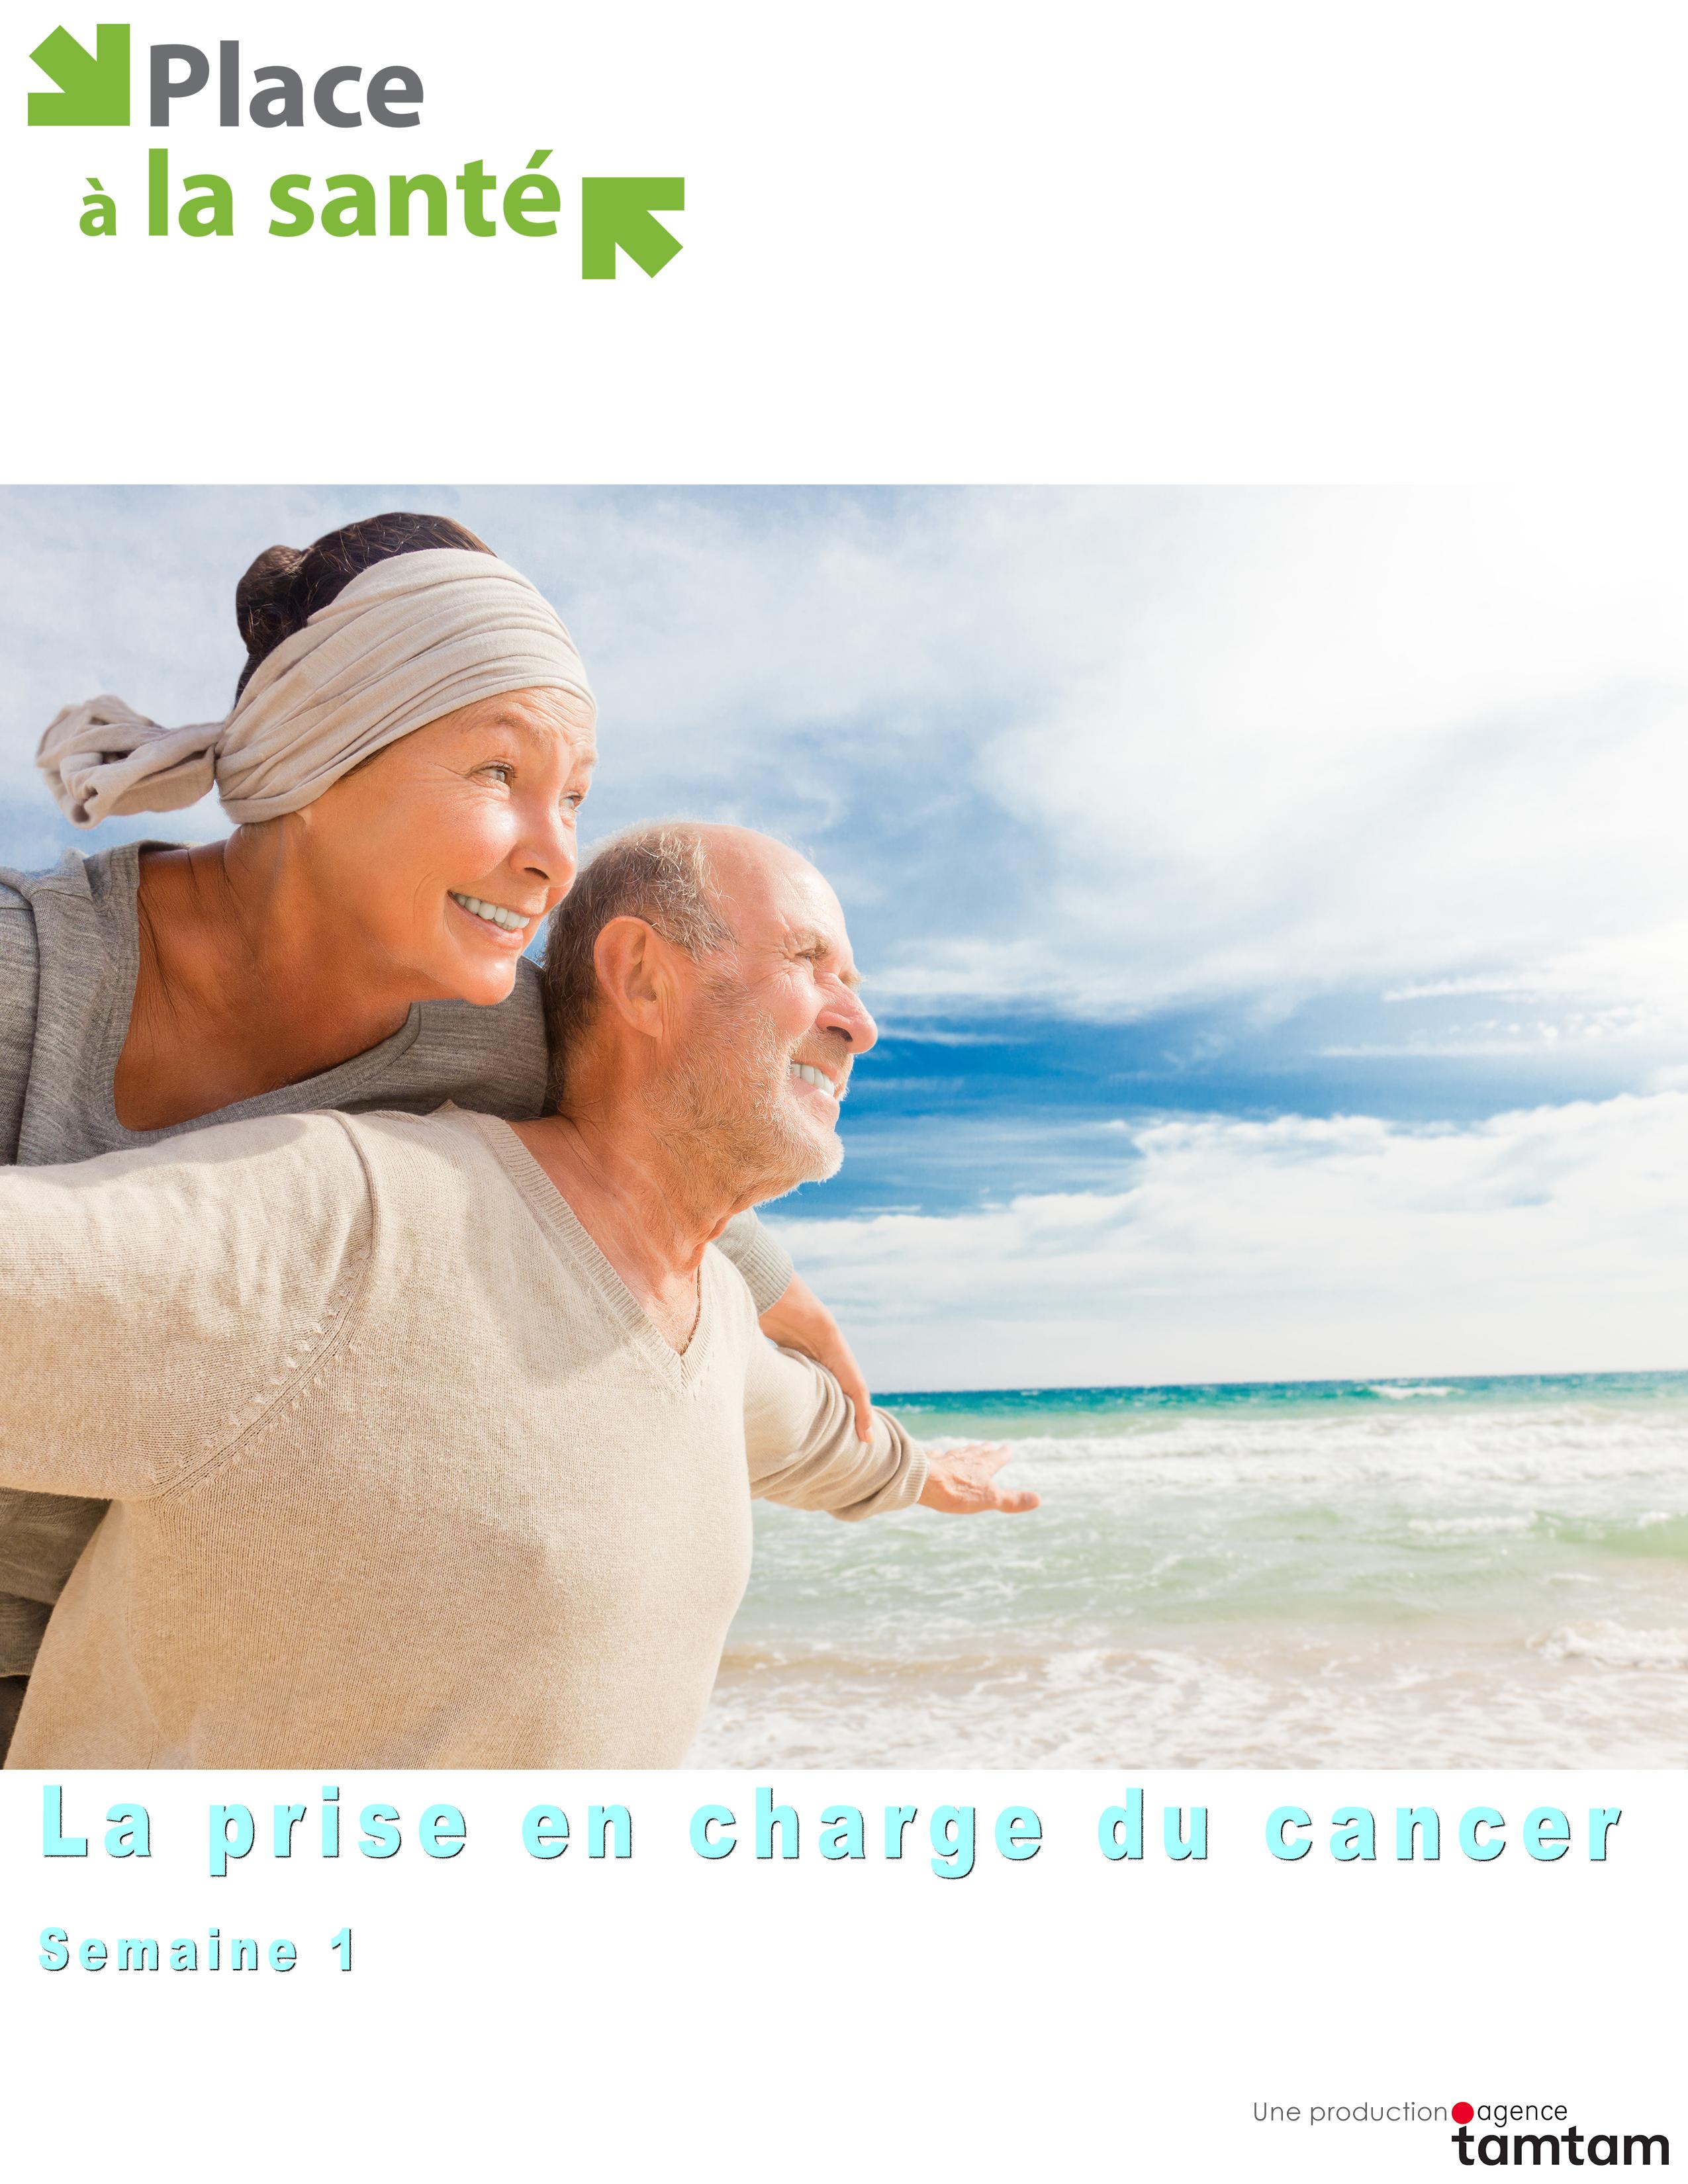 La prise en charge du cancer - Semaine 1